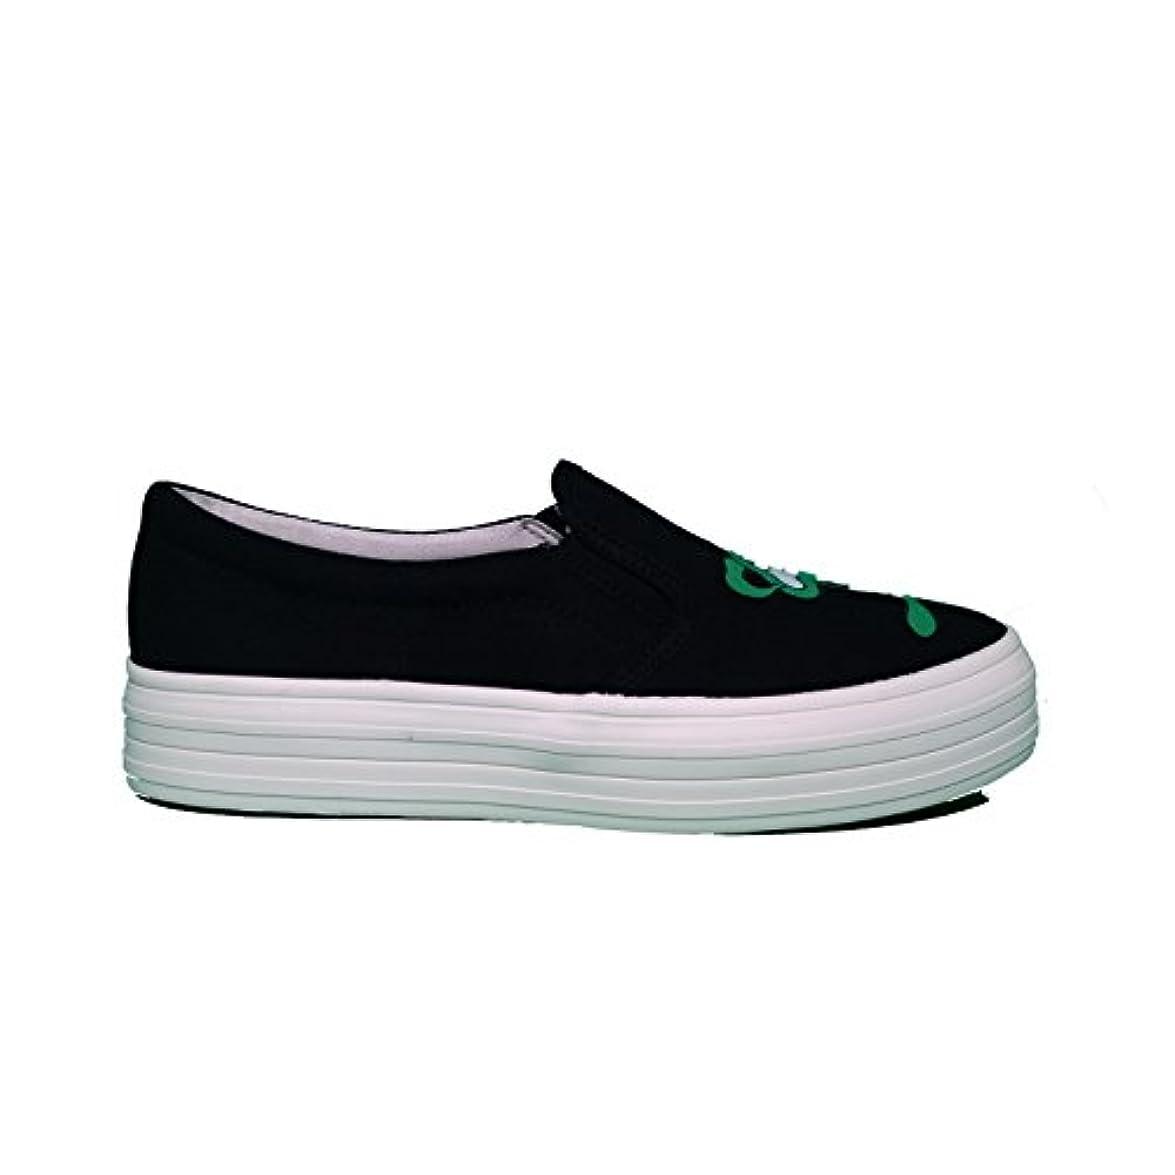 Sneaker Slip-on Swear Yosh Black Canvas Green - Size 38